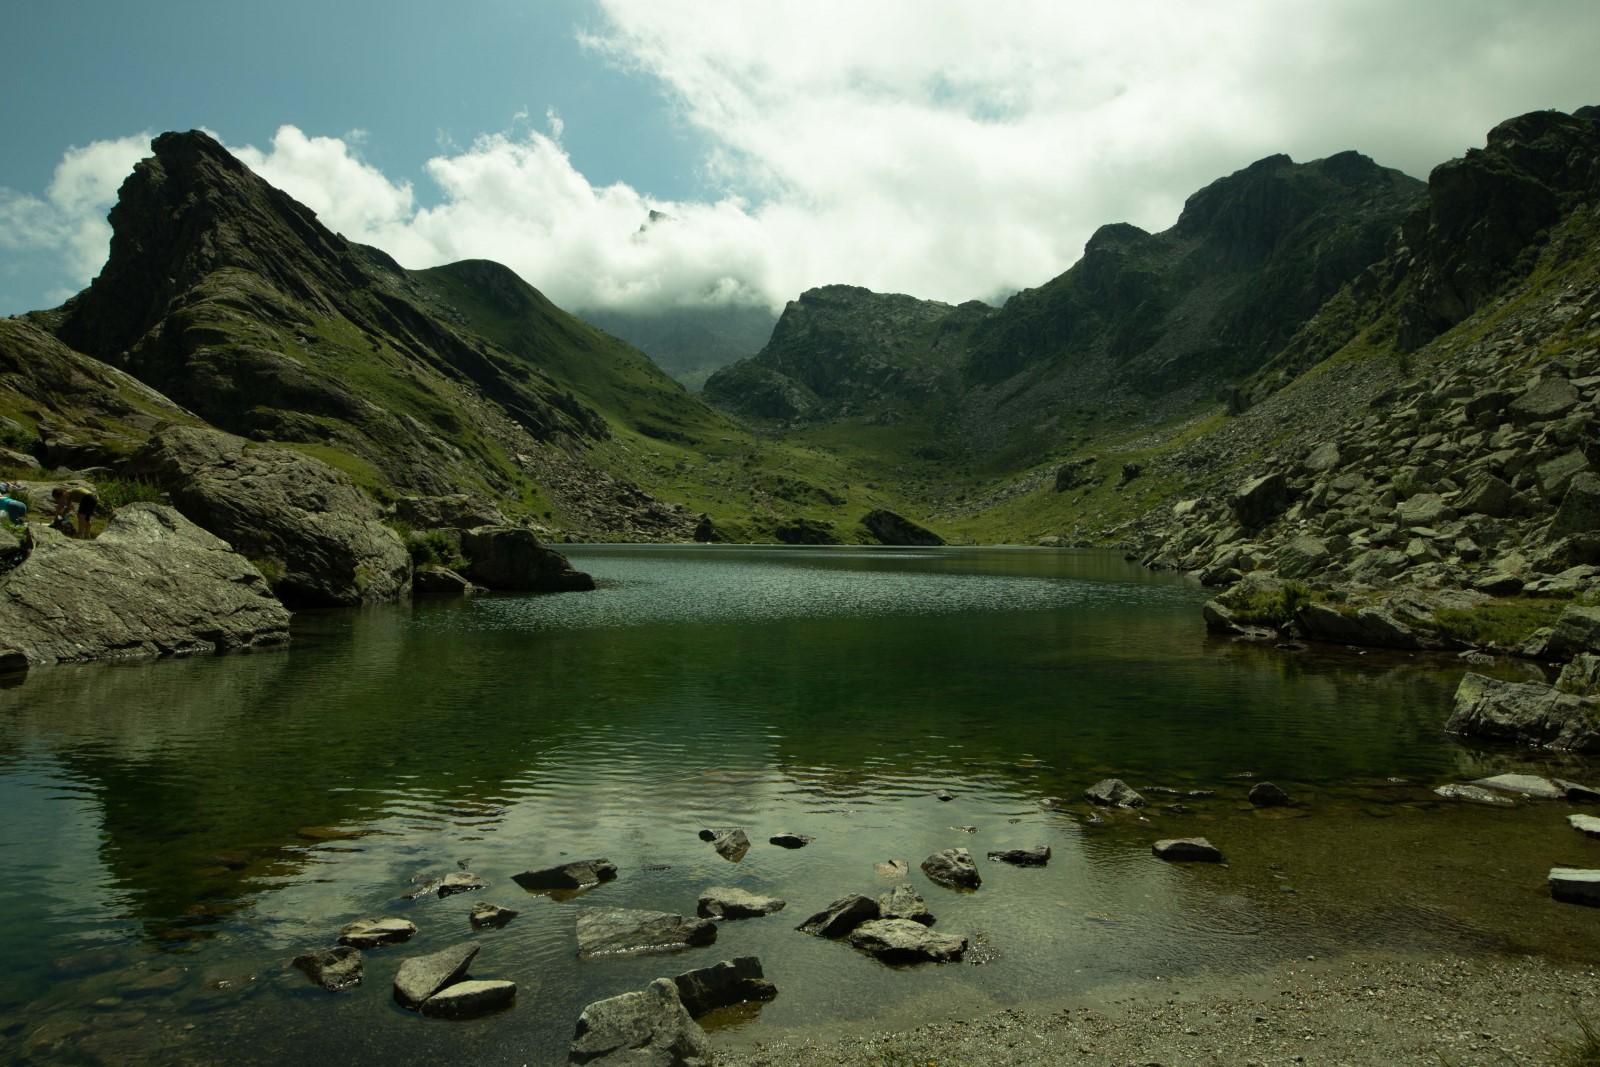 Foto del lago Fiorenza non elaborata